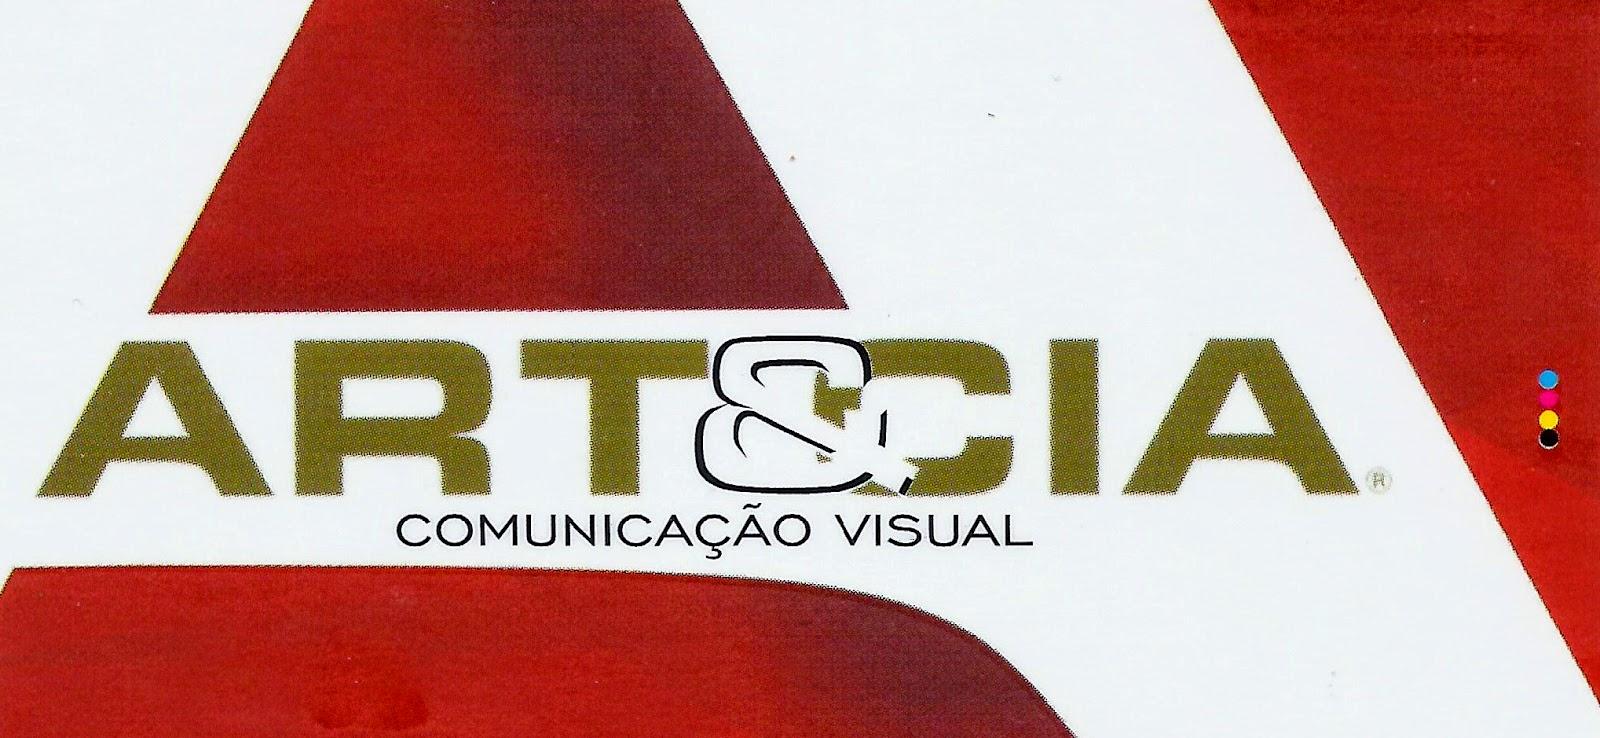 ART & CIA COMUNICAÇÃO VISUAL Rua. Onze de Agosto, 1217 Centro - Tatuí - SP e-mail: arteciamarcelo@hotmail.com tel: (15) 3259-6761 / 99715-8564